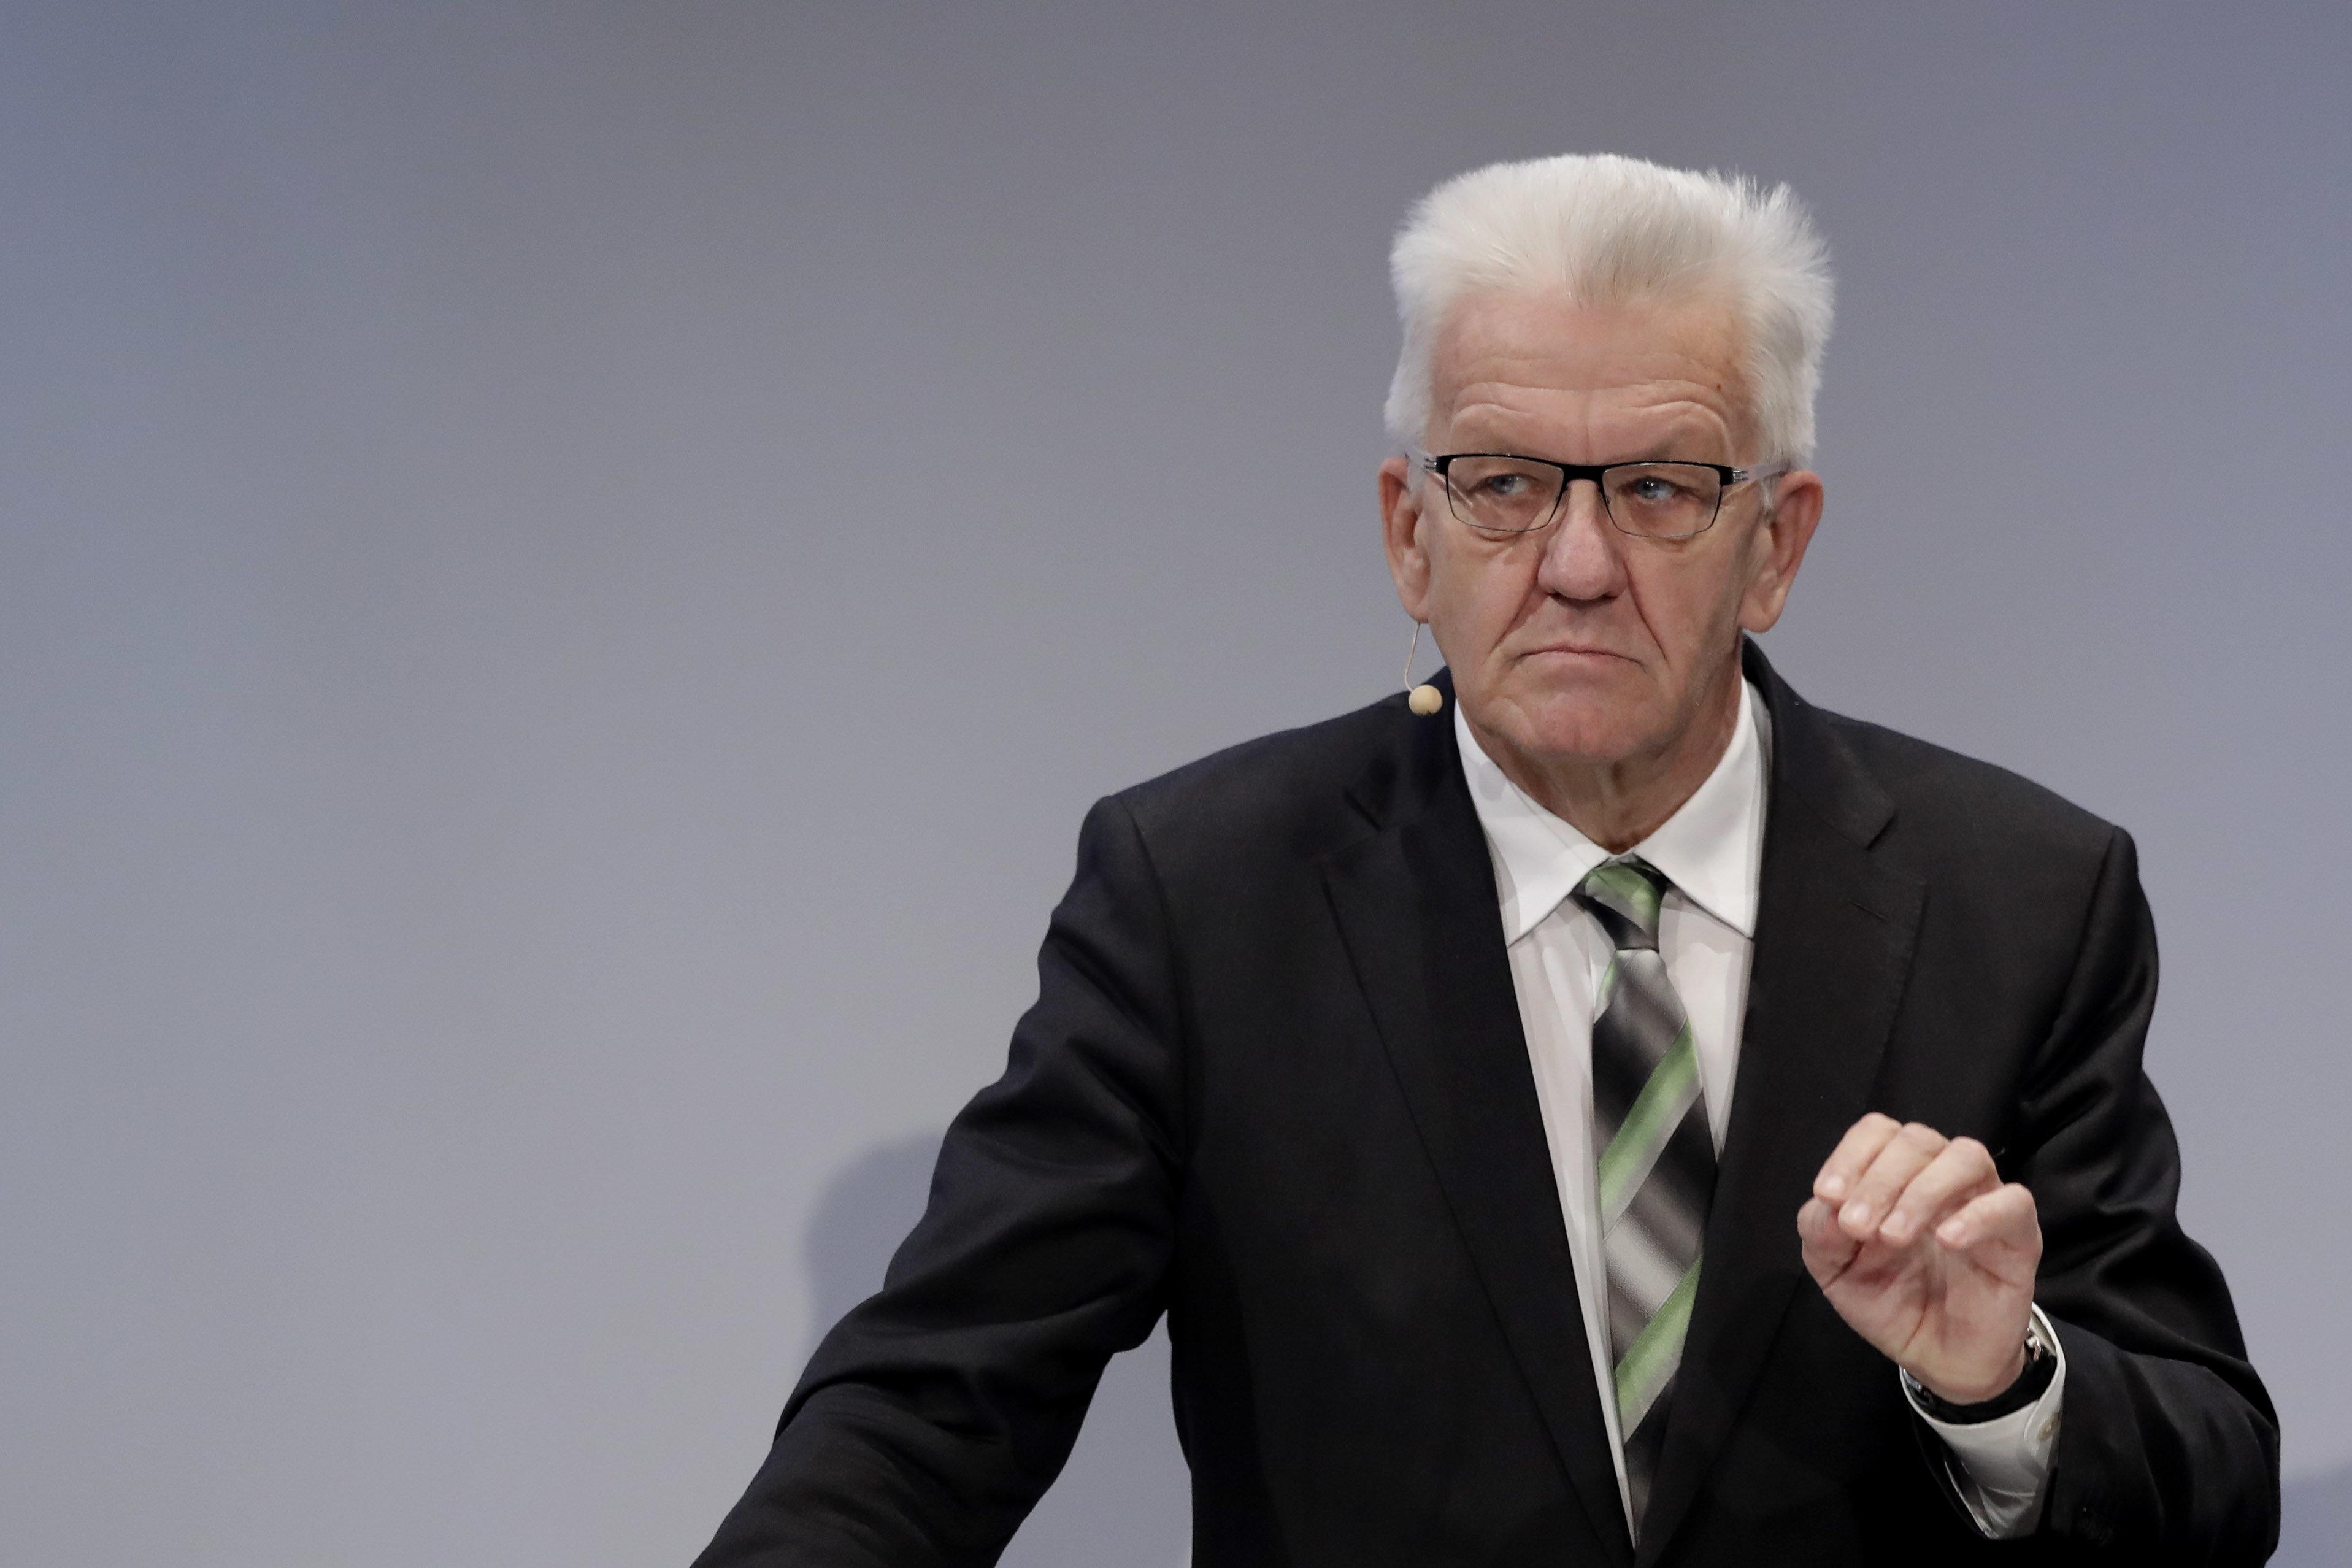 Wirbel um Flüchtlings-Satz von Grünen-Ministerpräsident: